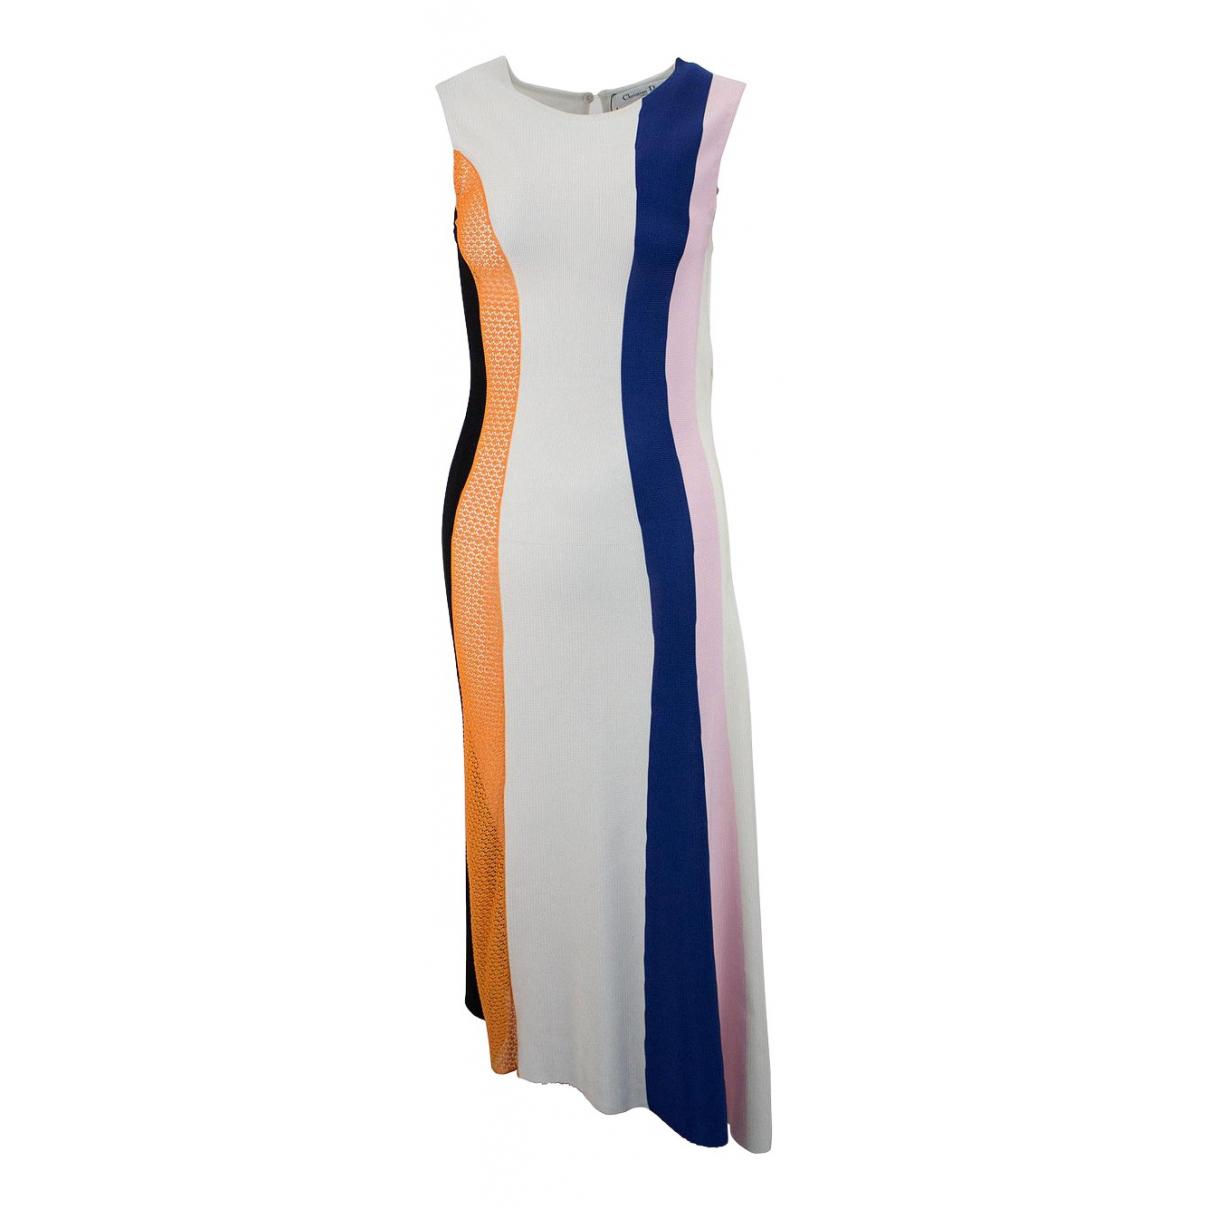 Dior - Robe   pour femme - multicolore